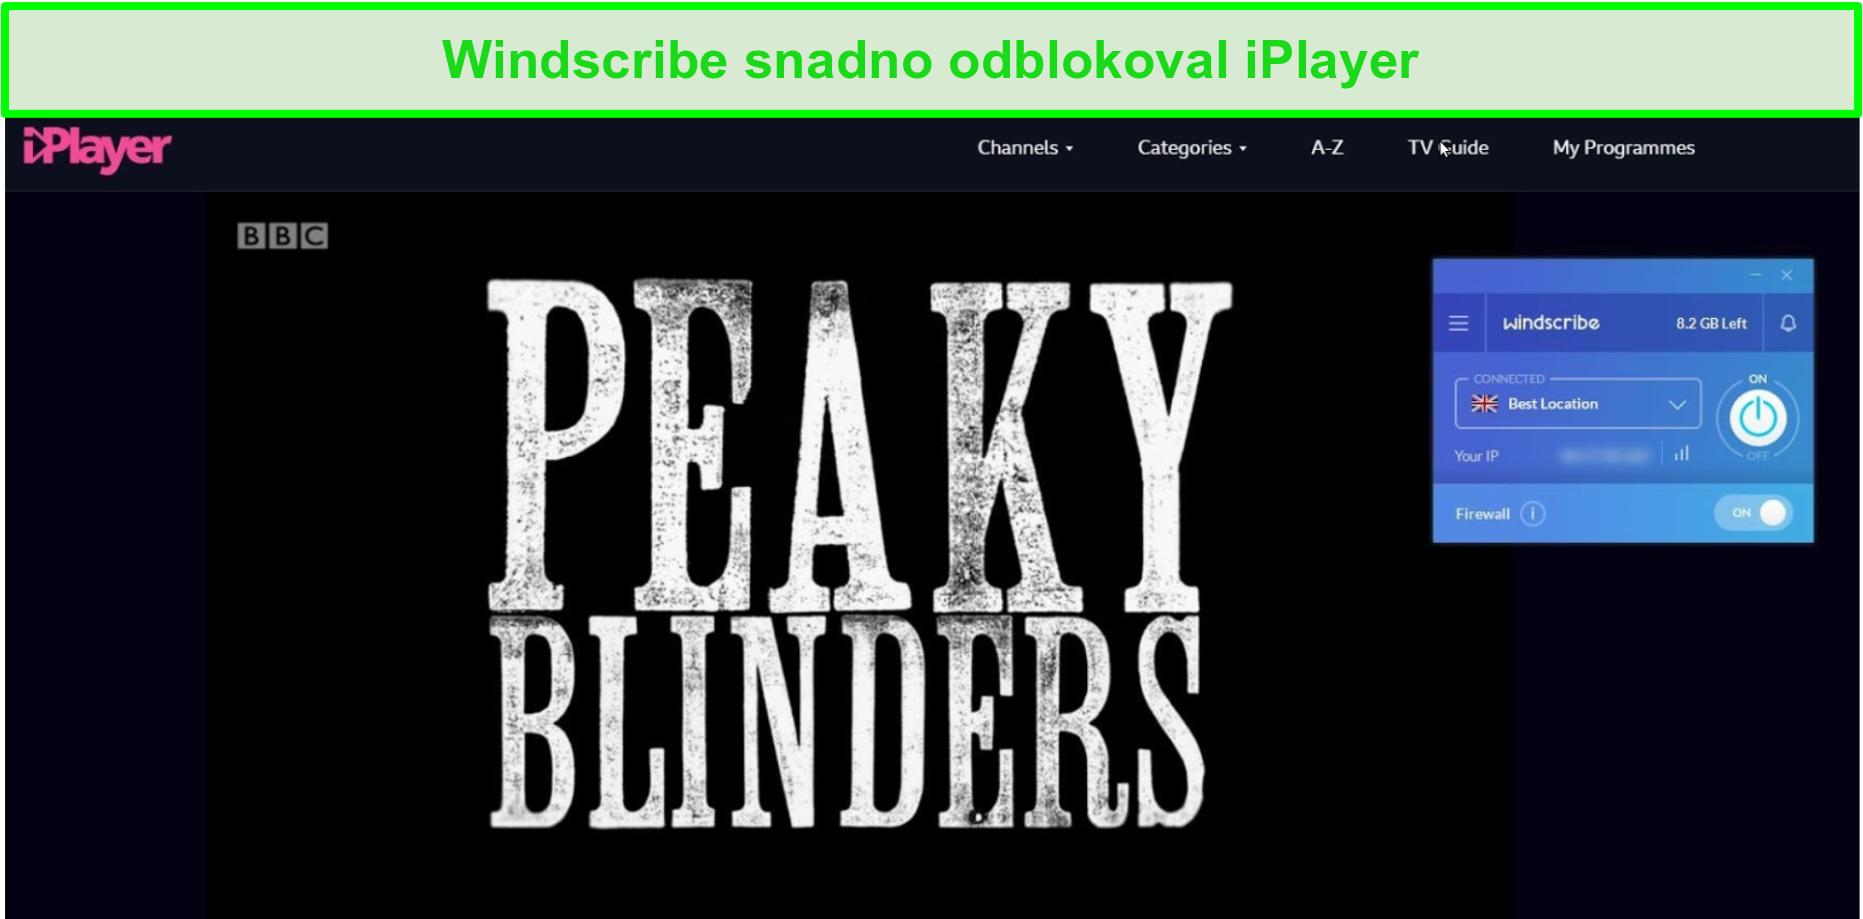 screenshot ukazuje schopnost sledovat BBC iPlayer pomocí Windscribe